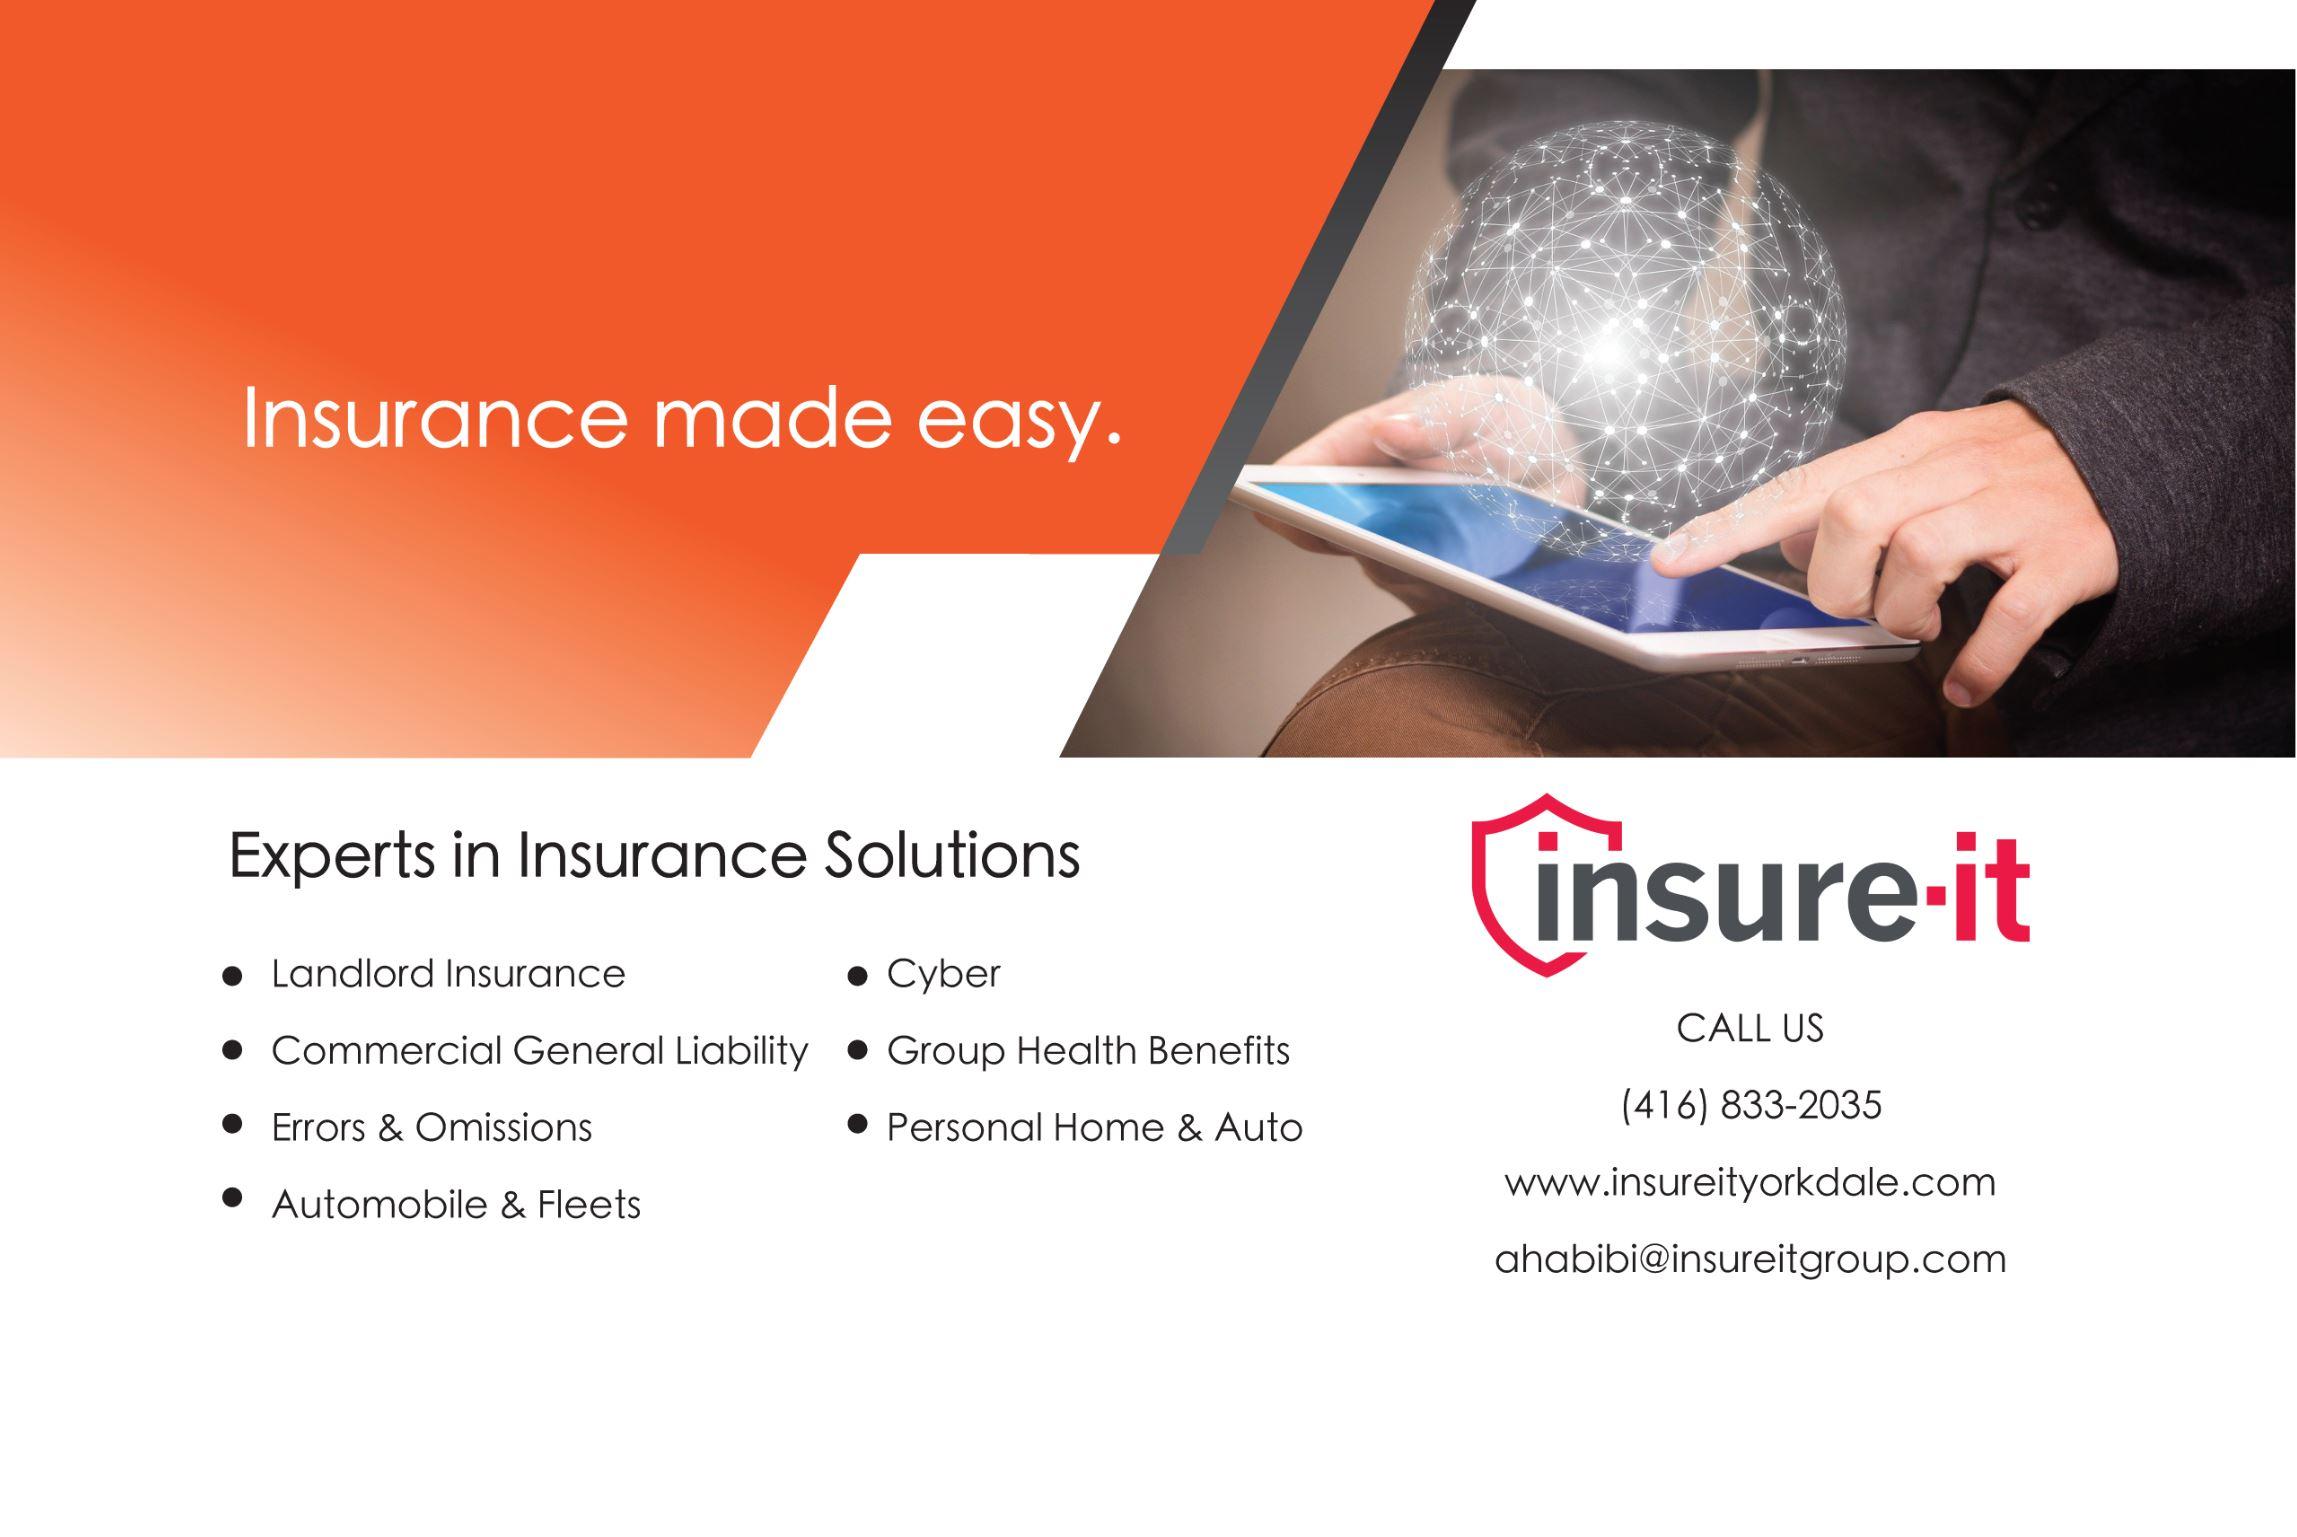 Insure-It